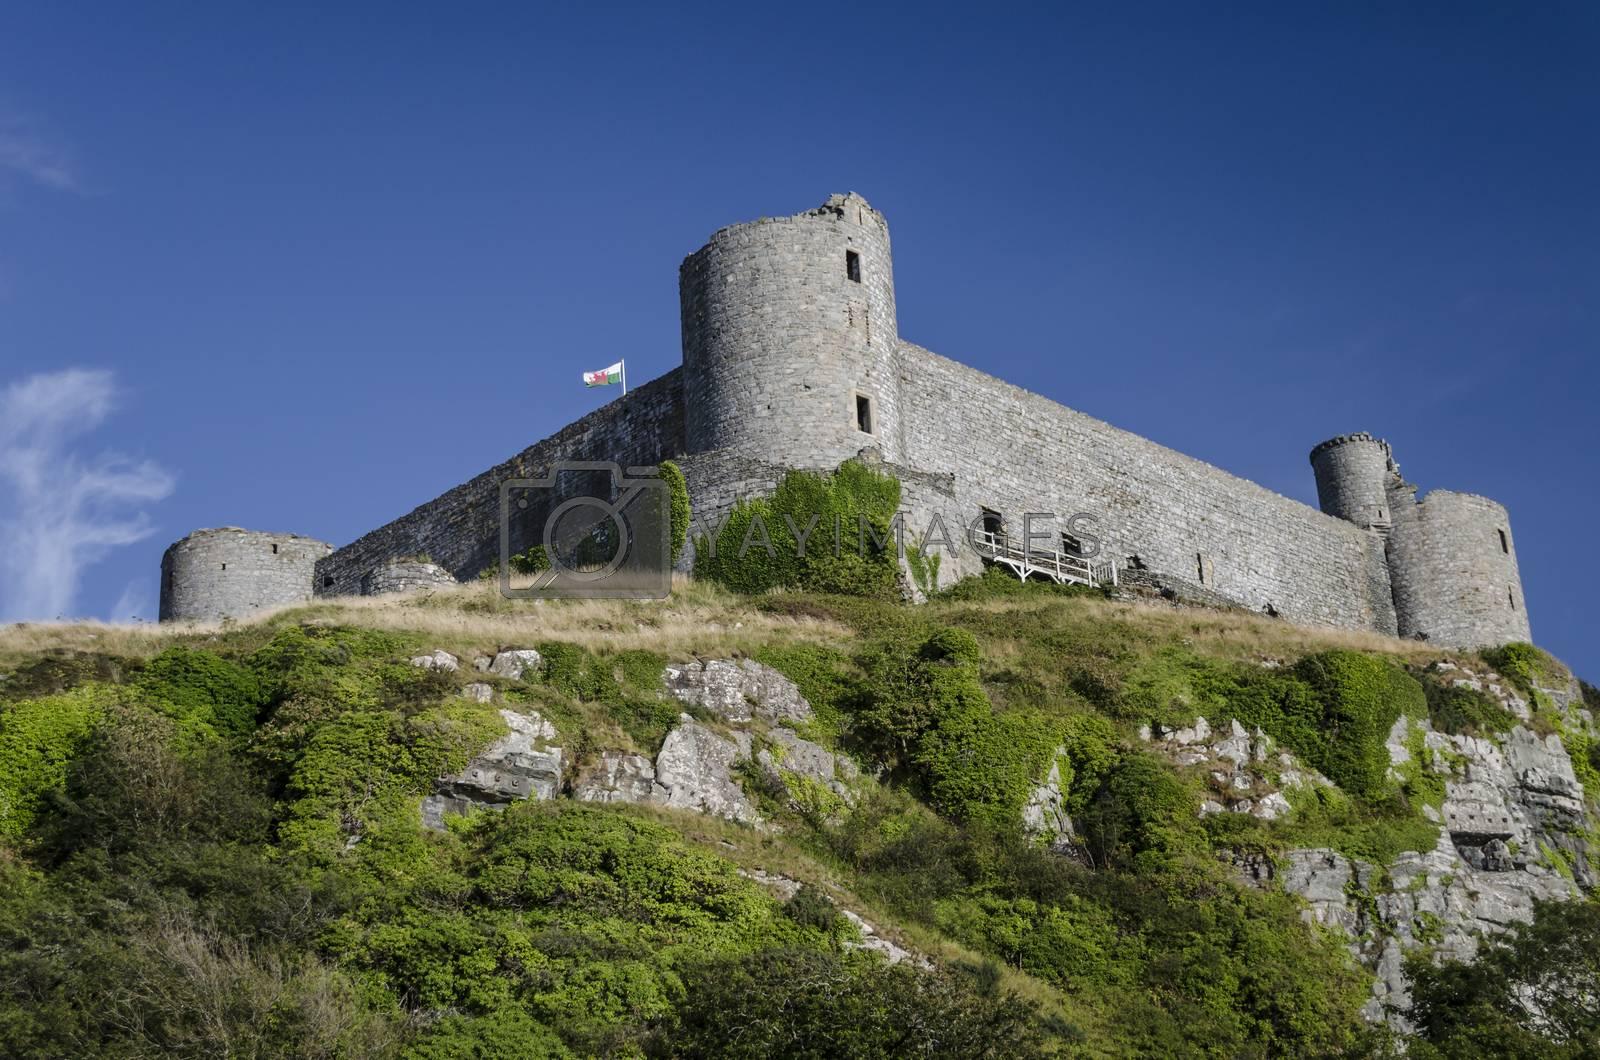 Royalty free image of Harlech Castle by JohnDavidPhoto